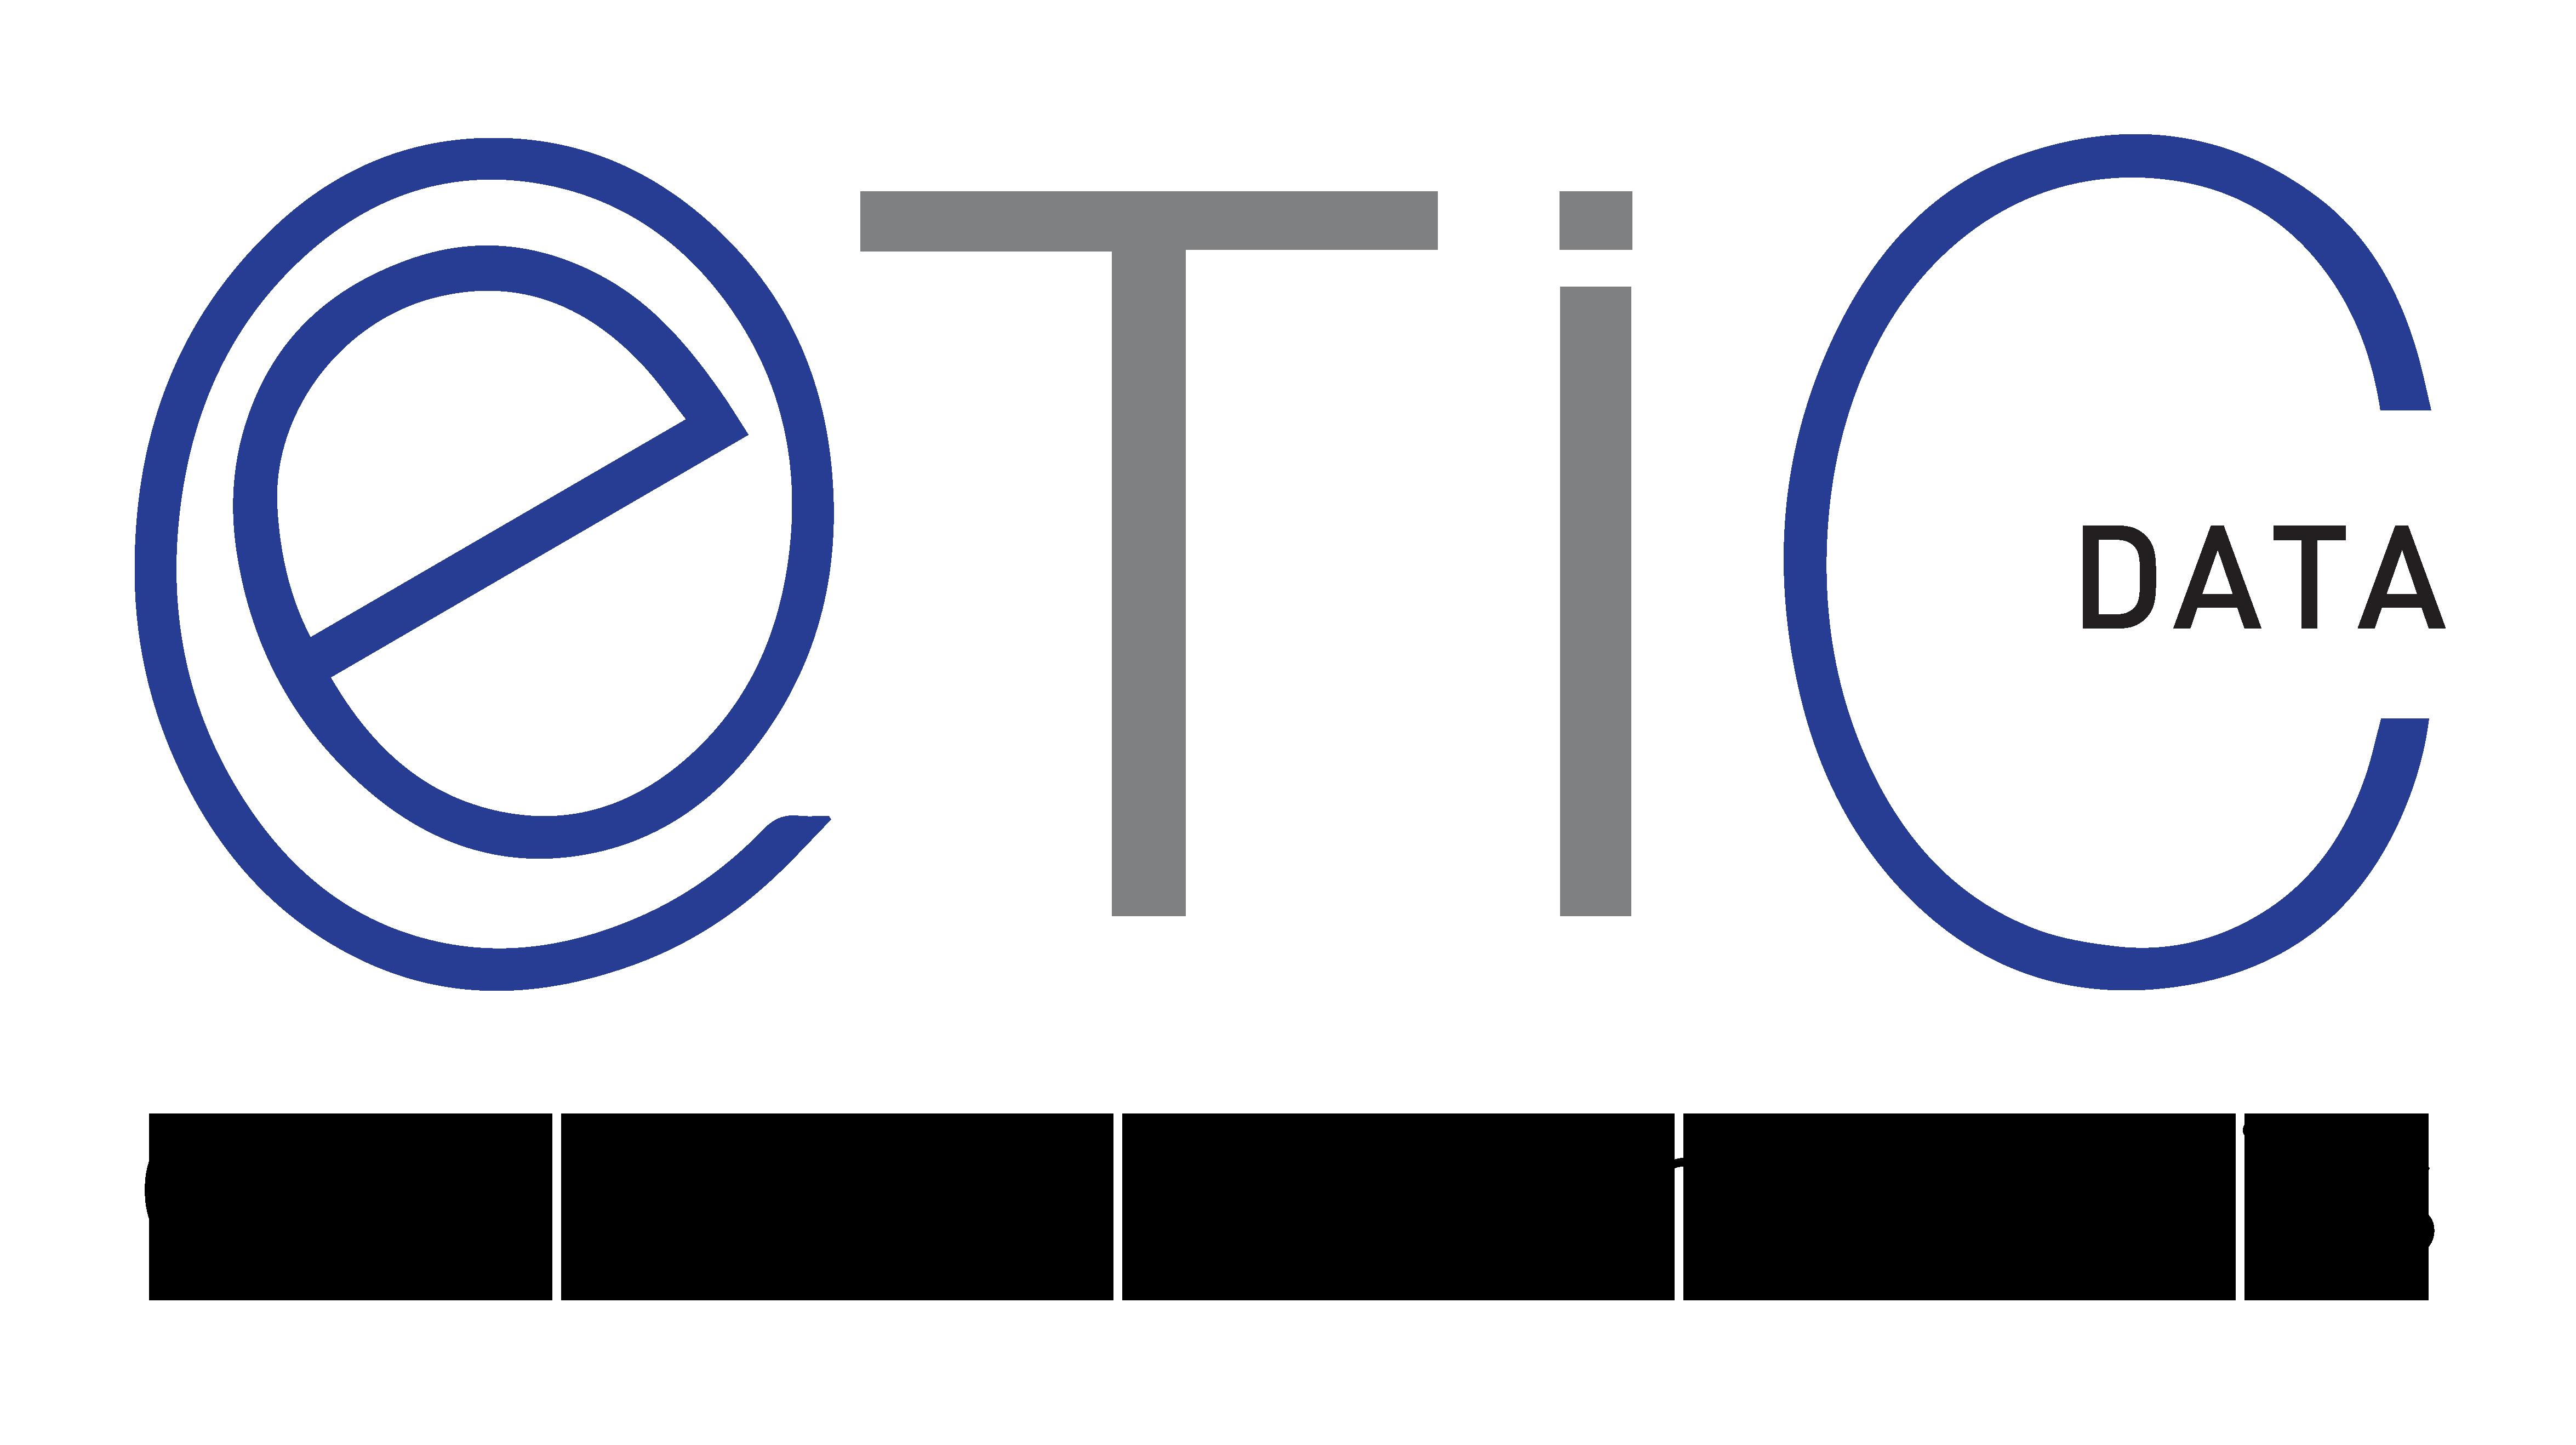 ETIC DATA